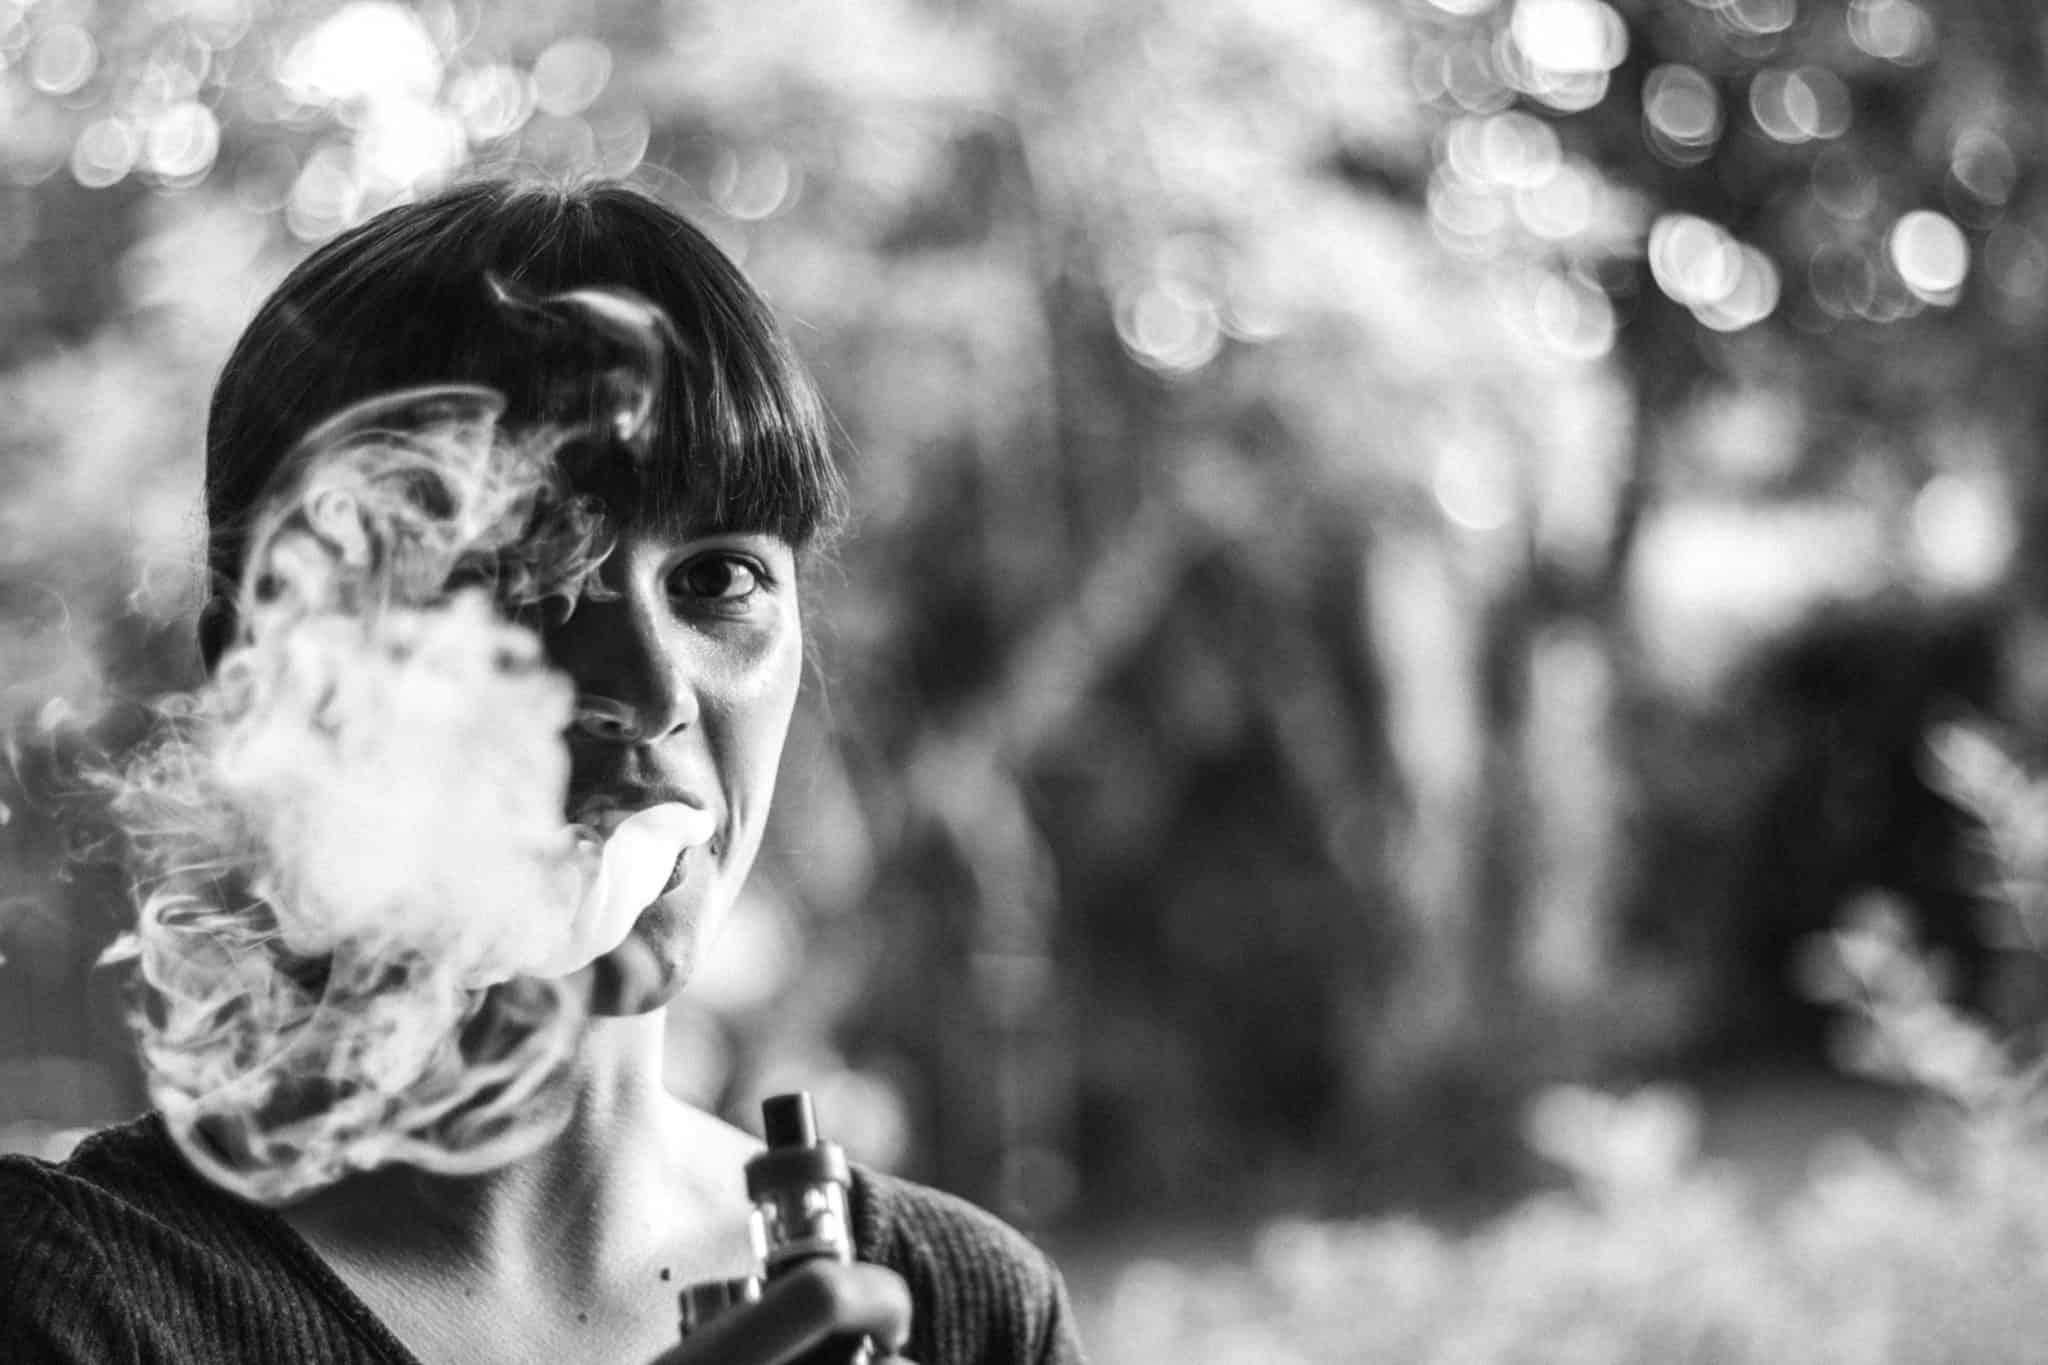 Jemandem, der Unkraut raucht, wenn man nicht